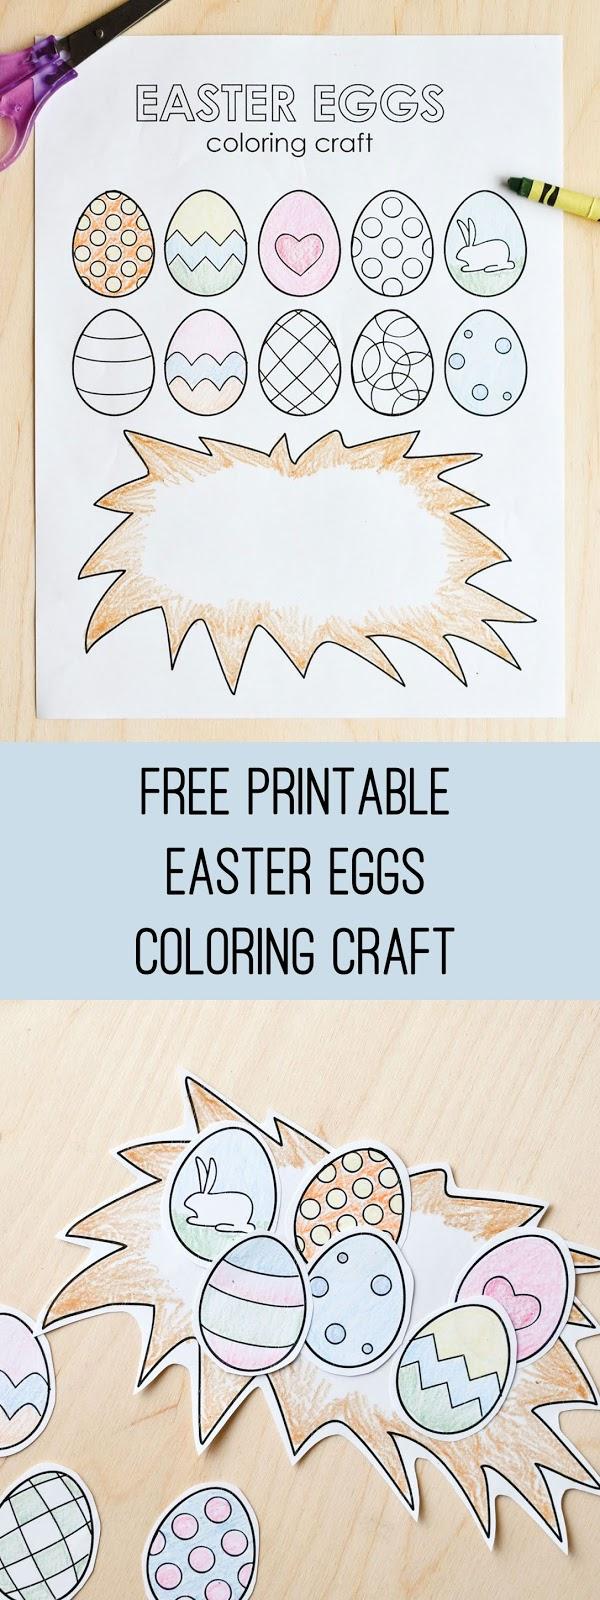 egg designs, crayon easter eggs